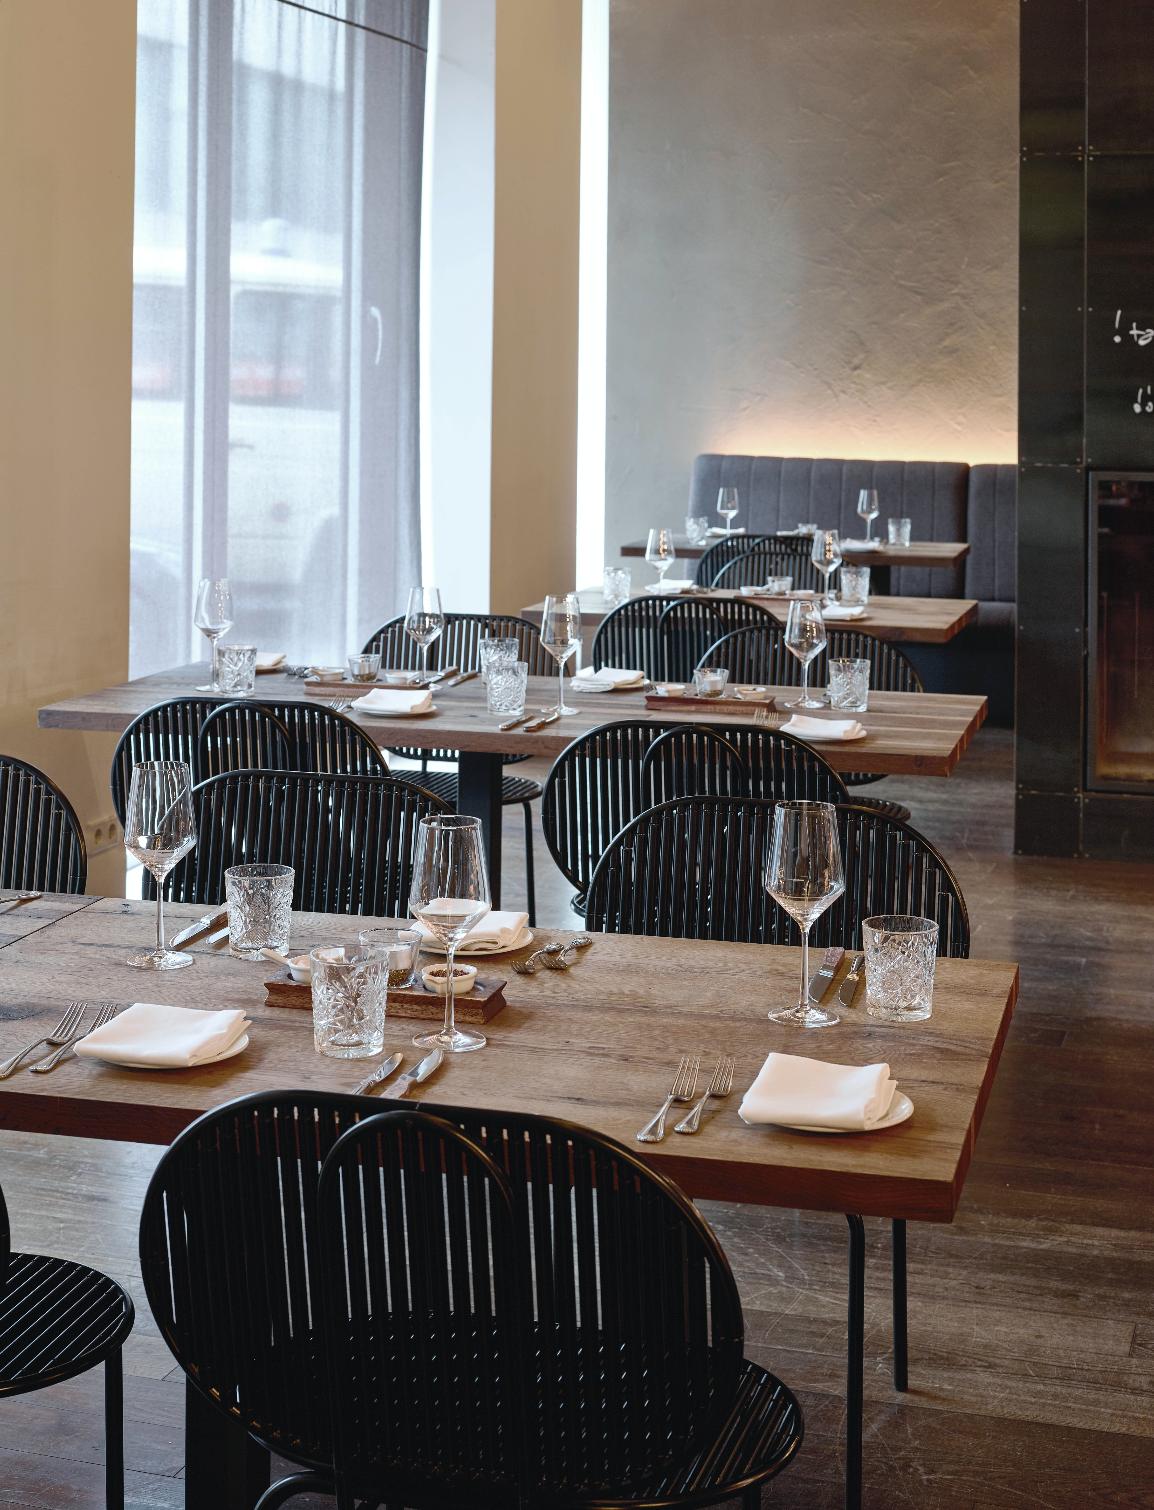 verena-hennig-roll-collection-restaurant2